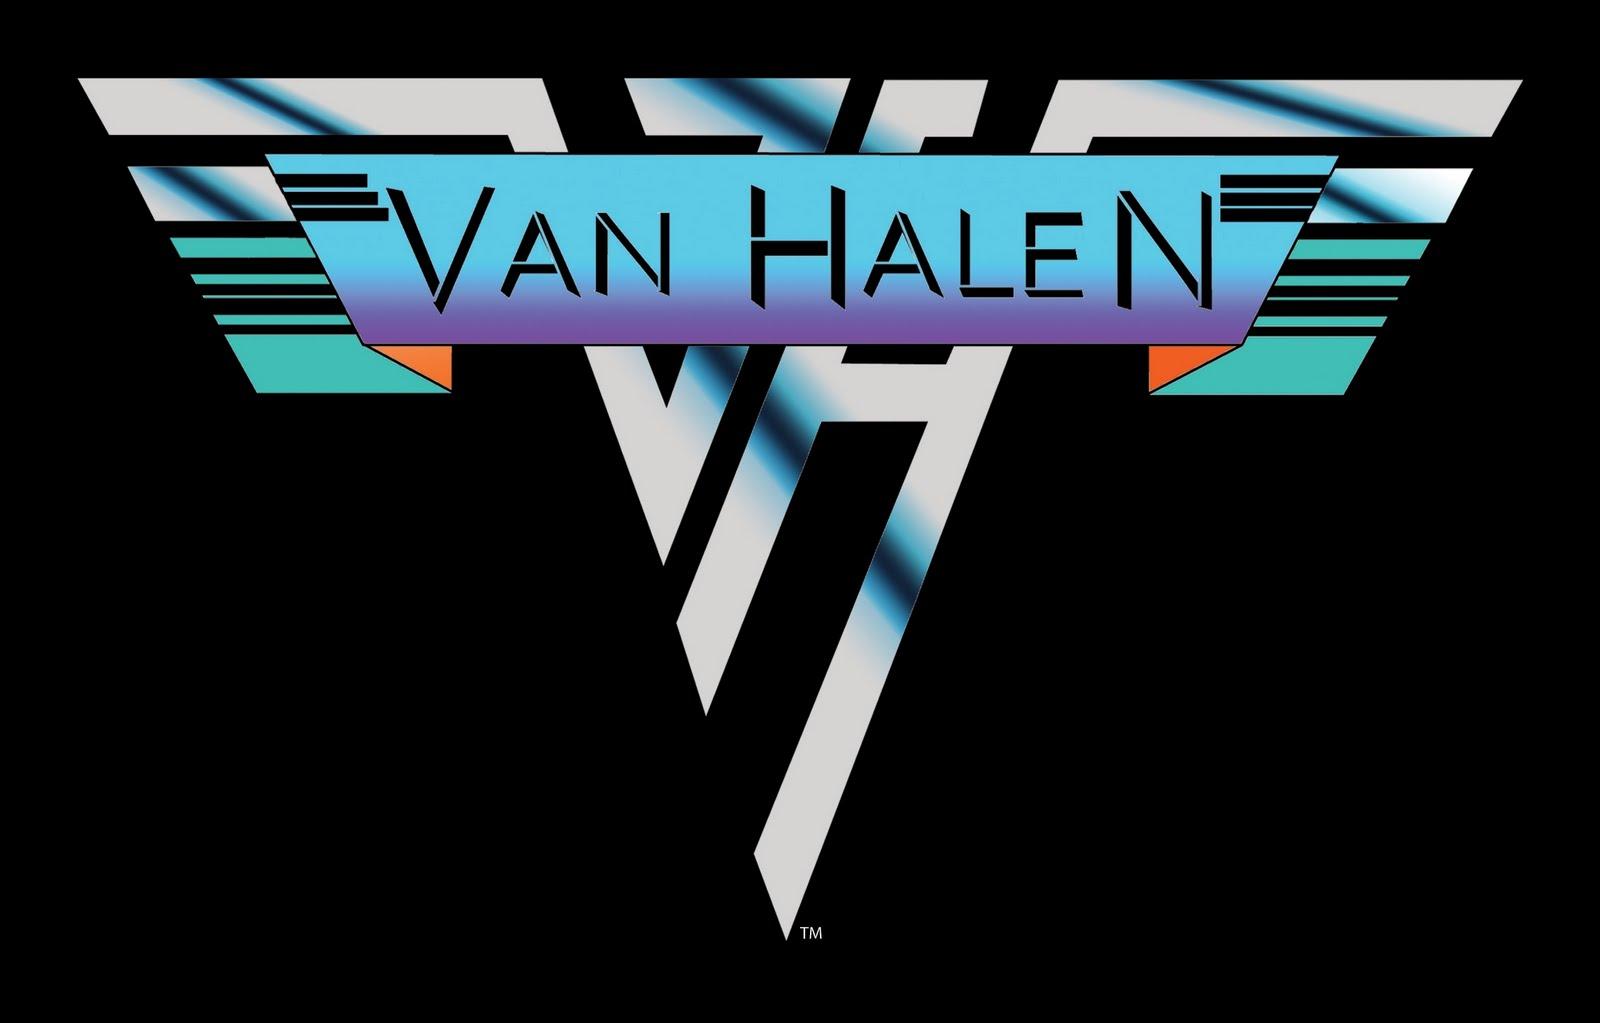 Free Van Halen Logo Wallpapers - WallpaperSafari